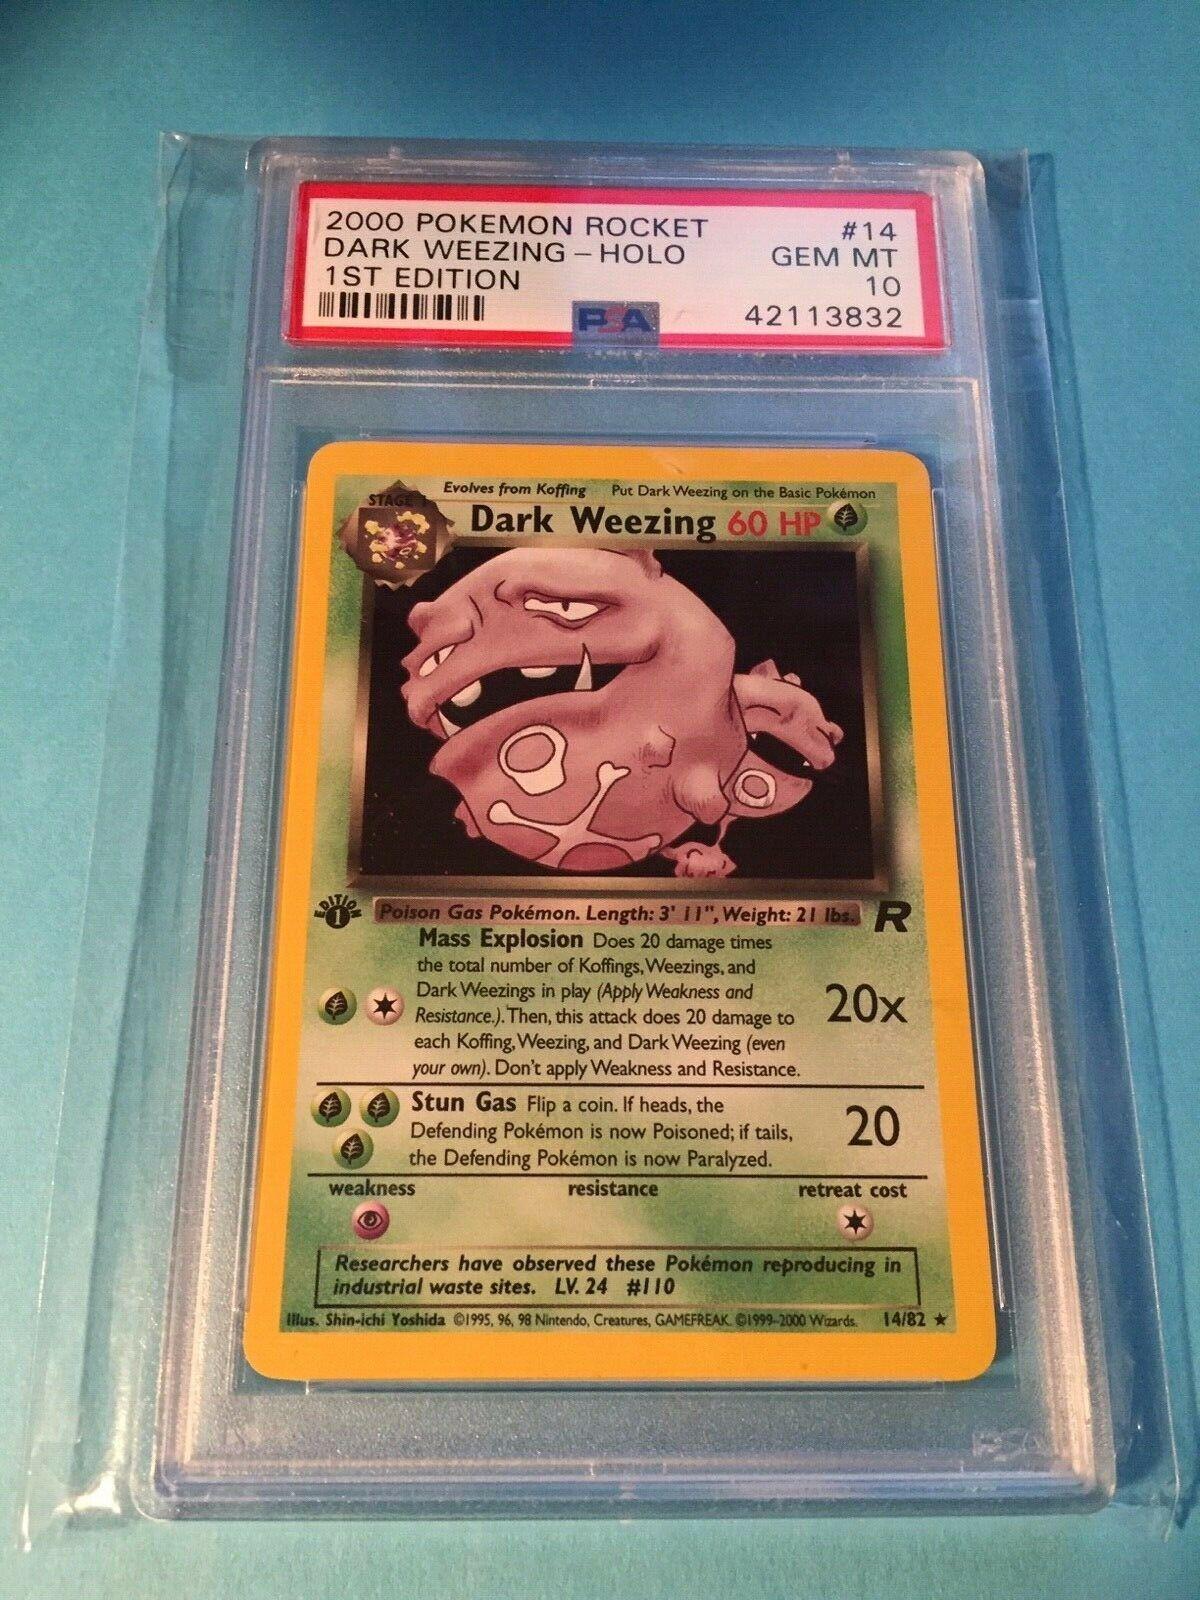 2000 Pokemon Rocket Dark Weezing 14 HOLO 1st Ed  PSA 10 Graded Card